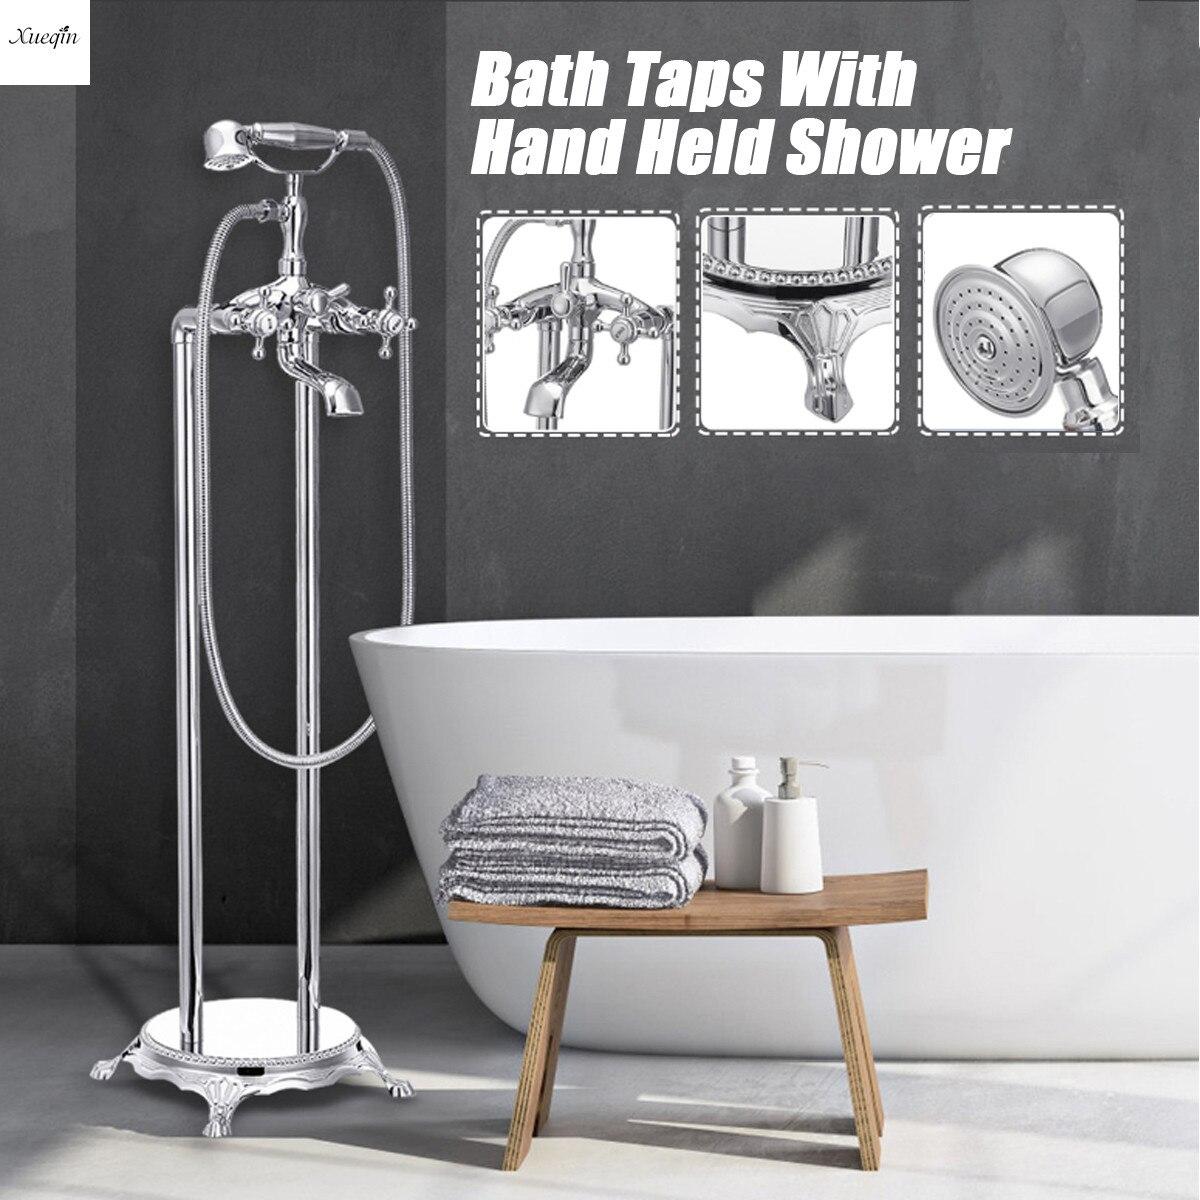 Хром Латунь Напольный Торшер установлен Ванна на ножках лапах душ смеситель для раковины роскошный набор для ванной, с двумя кранами компле